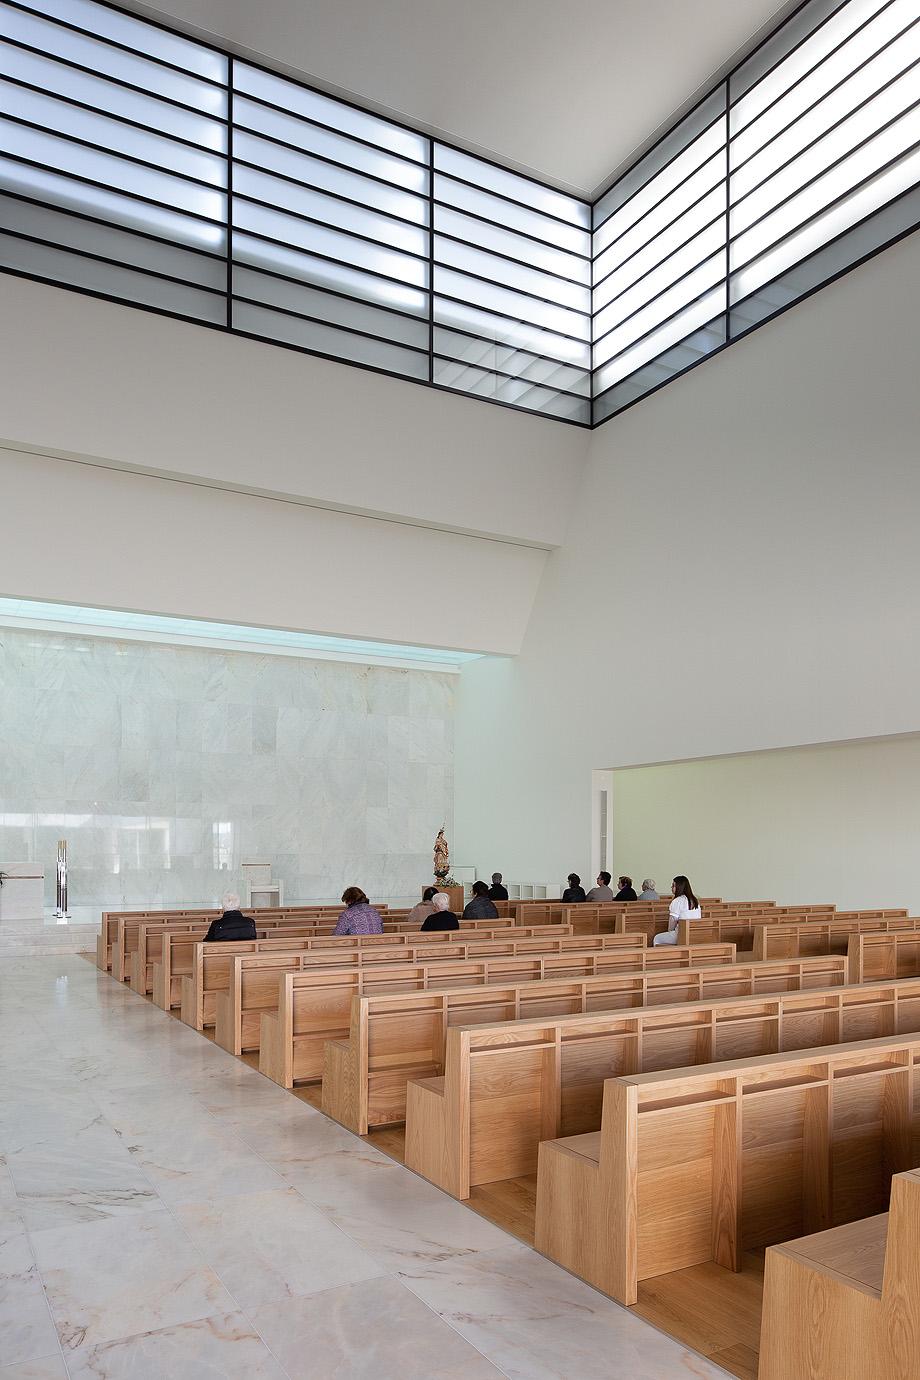 iglesia del divino salvador de vitor leal barros - foto alexander bogorodskiy (4)